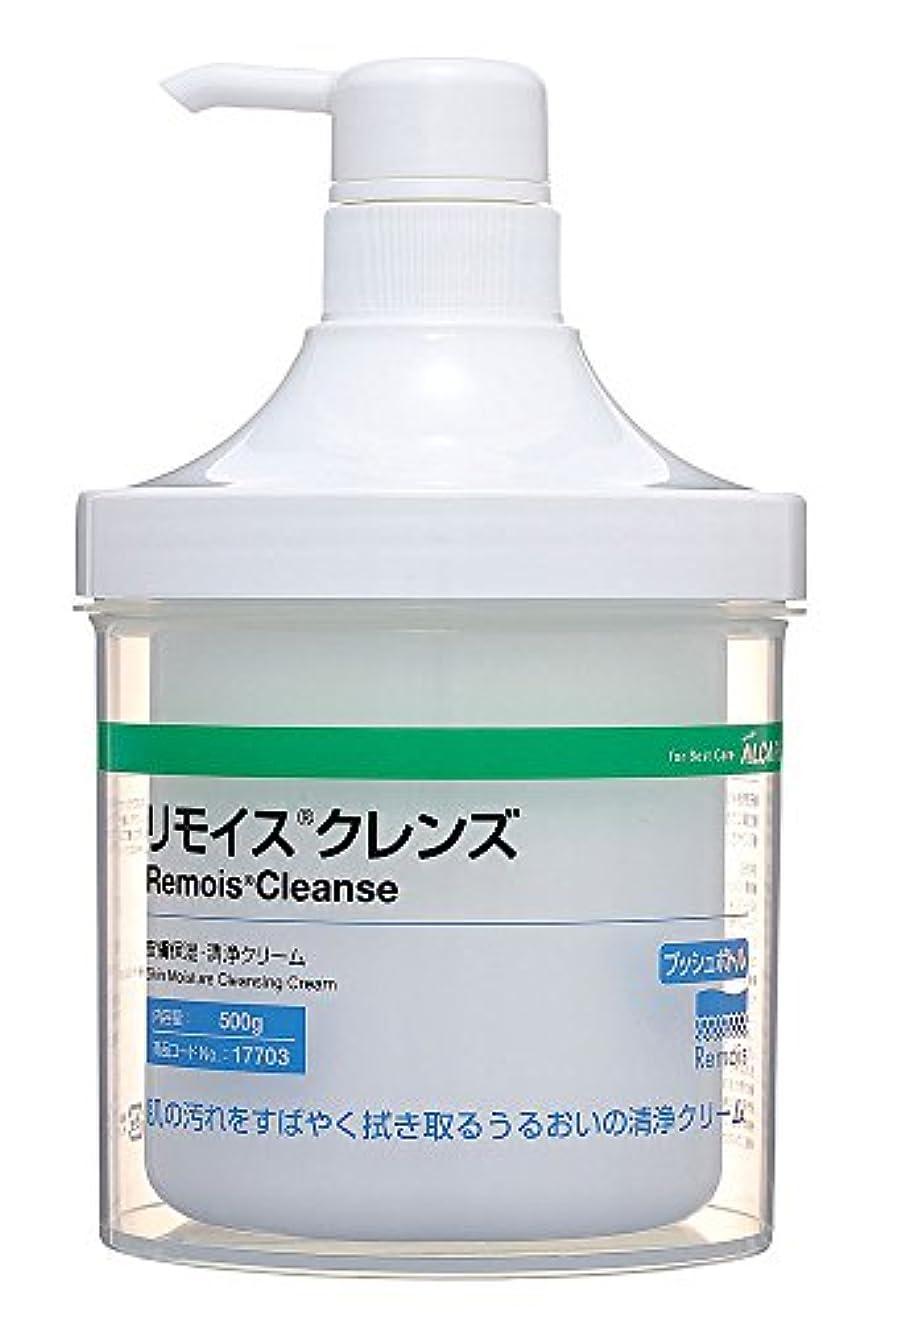 近く二週間代理人アルケア リモイスクレンズ 皮膚保湿?清浄クリーム 17703 プッシュボトル 500g